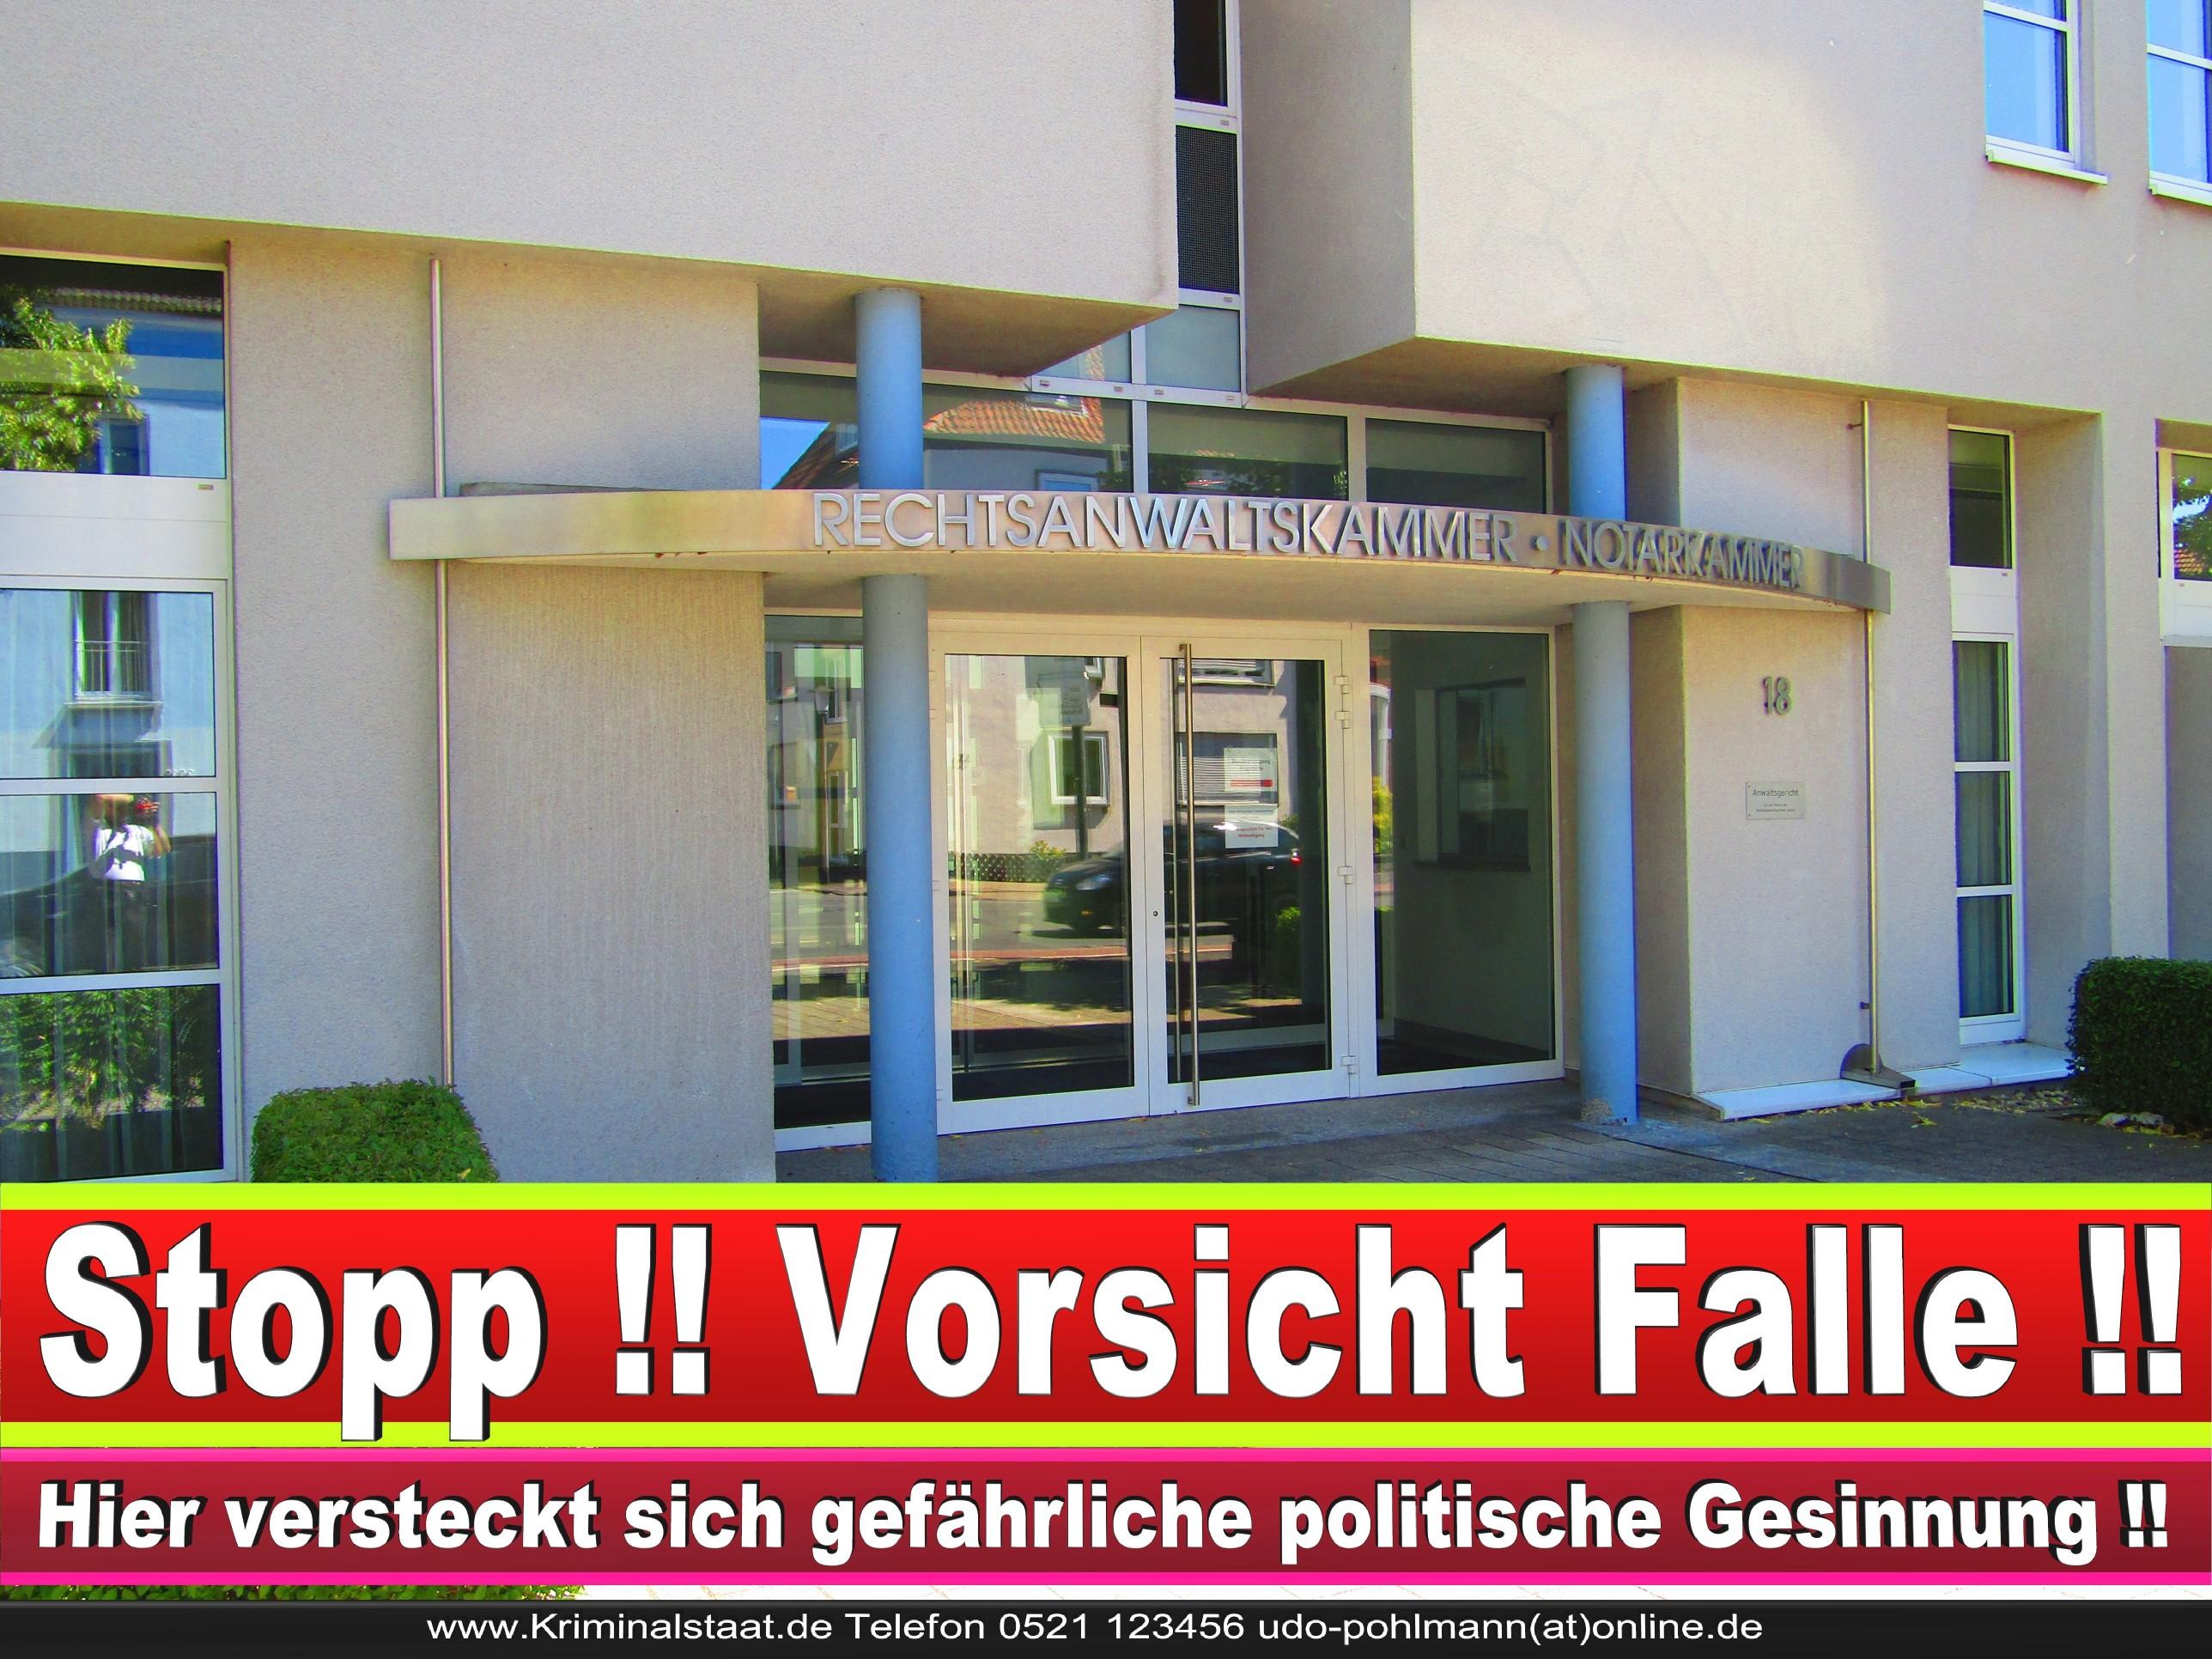 Rechtsanwaltskammer Hamm NRW Justizminister Rechtsanwalt Notar Vermögensverfall Urteil Rechtsprechung CDU SPD FDP Berufsordnung Rechtsanwälte Rechtsprechung (12) 1